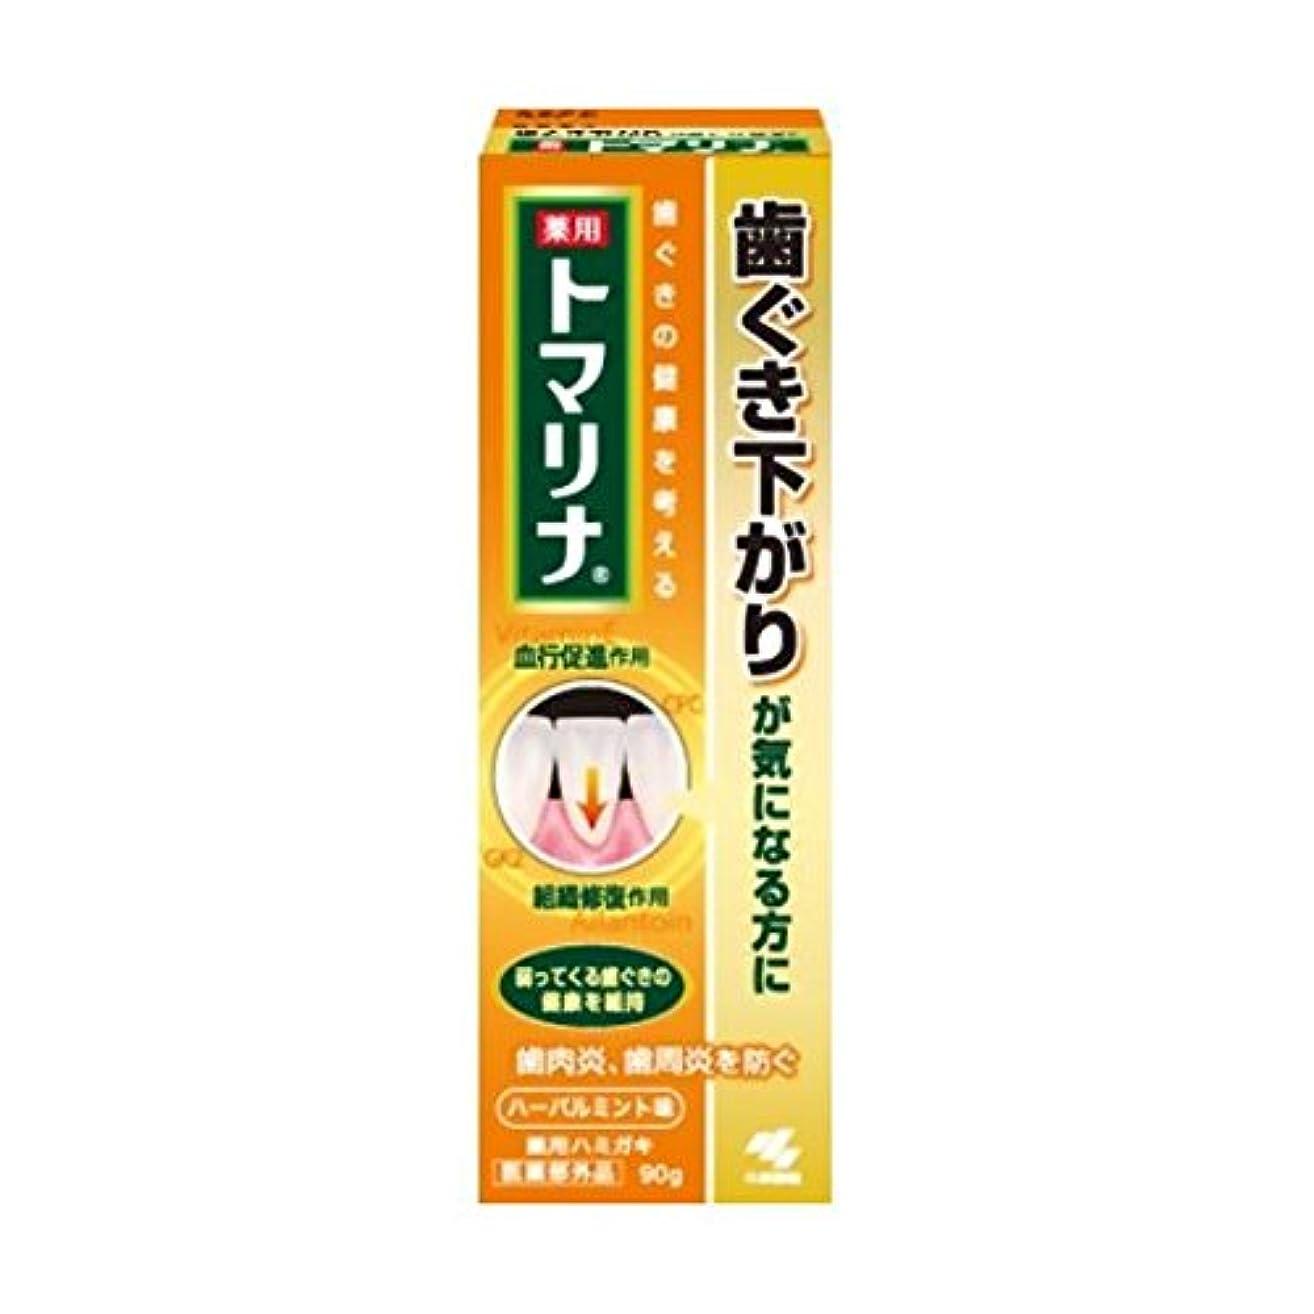 蛾送金弱点【お徳用 4 セット】 薬用トマリナ 90g×4セット